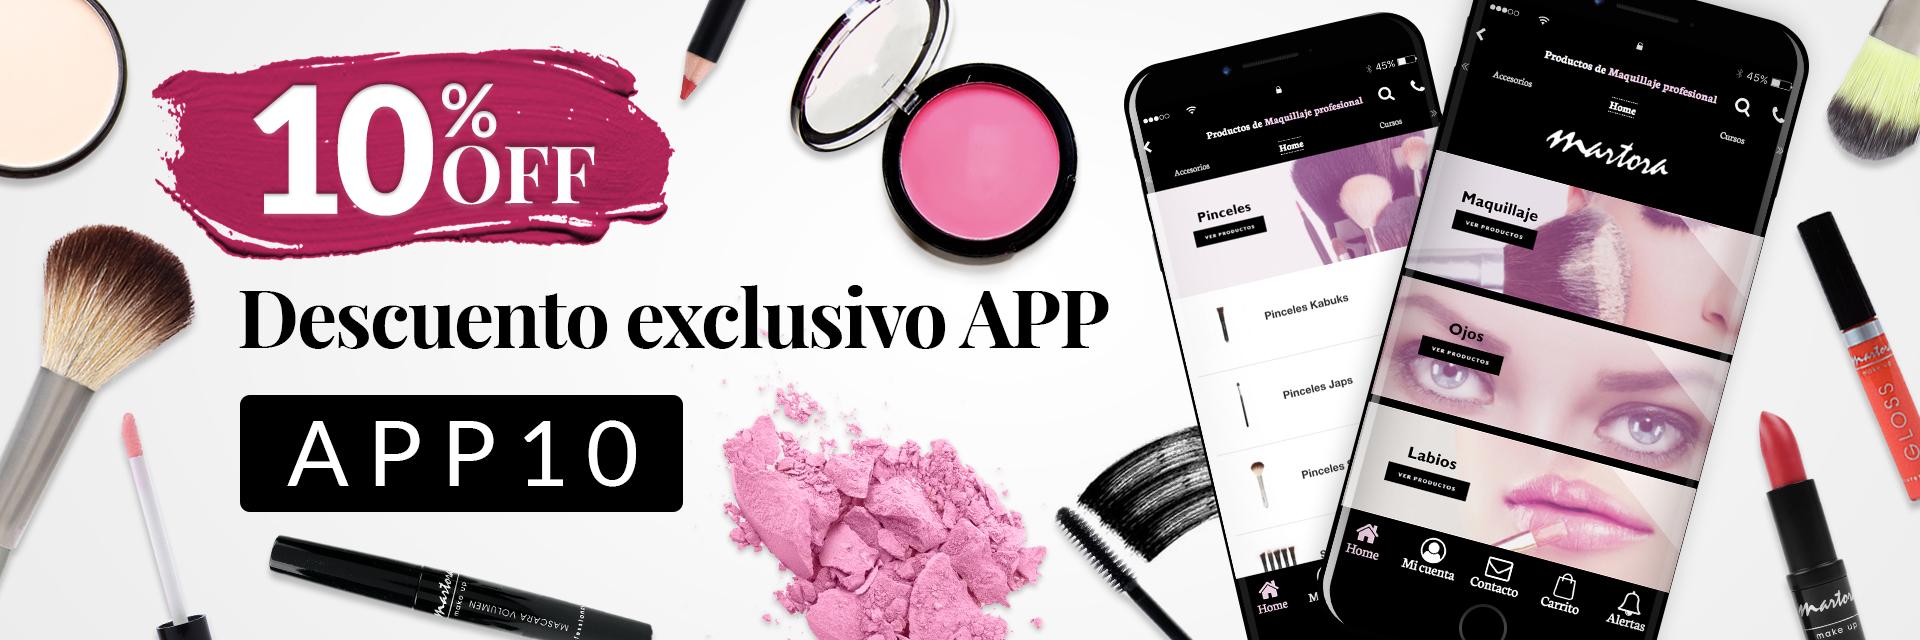 APPbanner-100dto-app.jpg